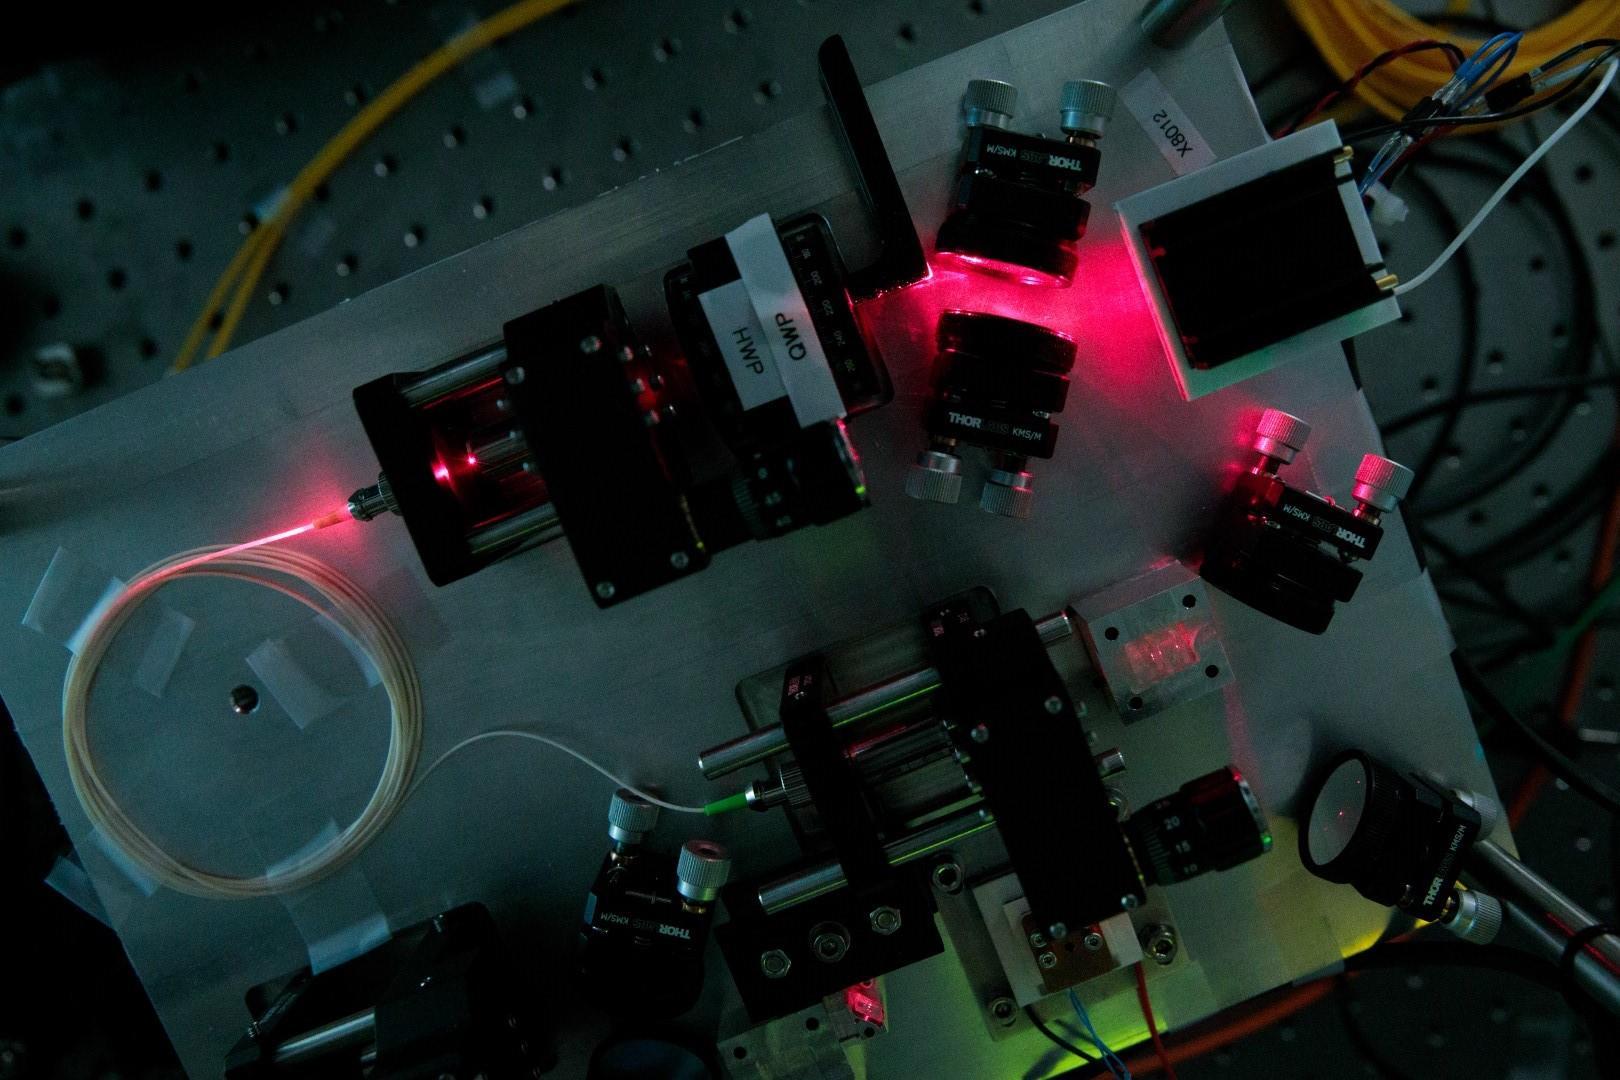 nus-singtel-cyber-security-lab-photo-3.jpg